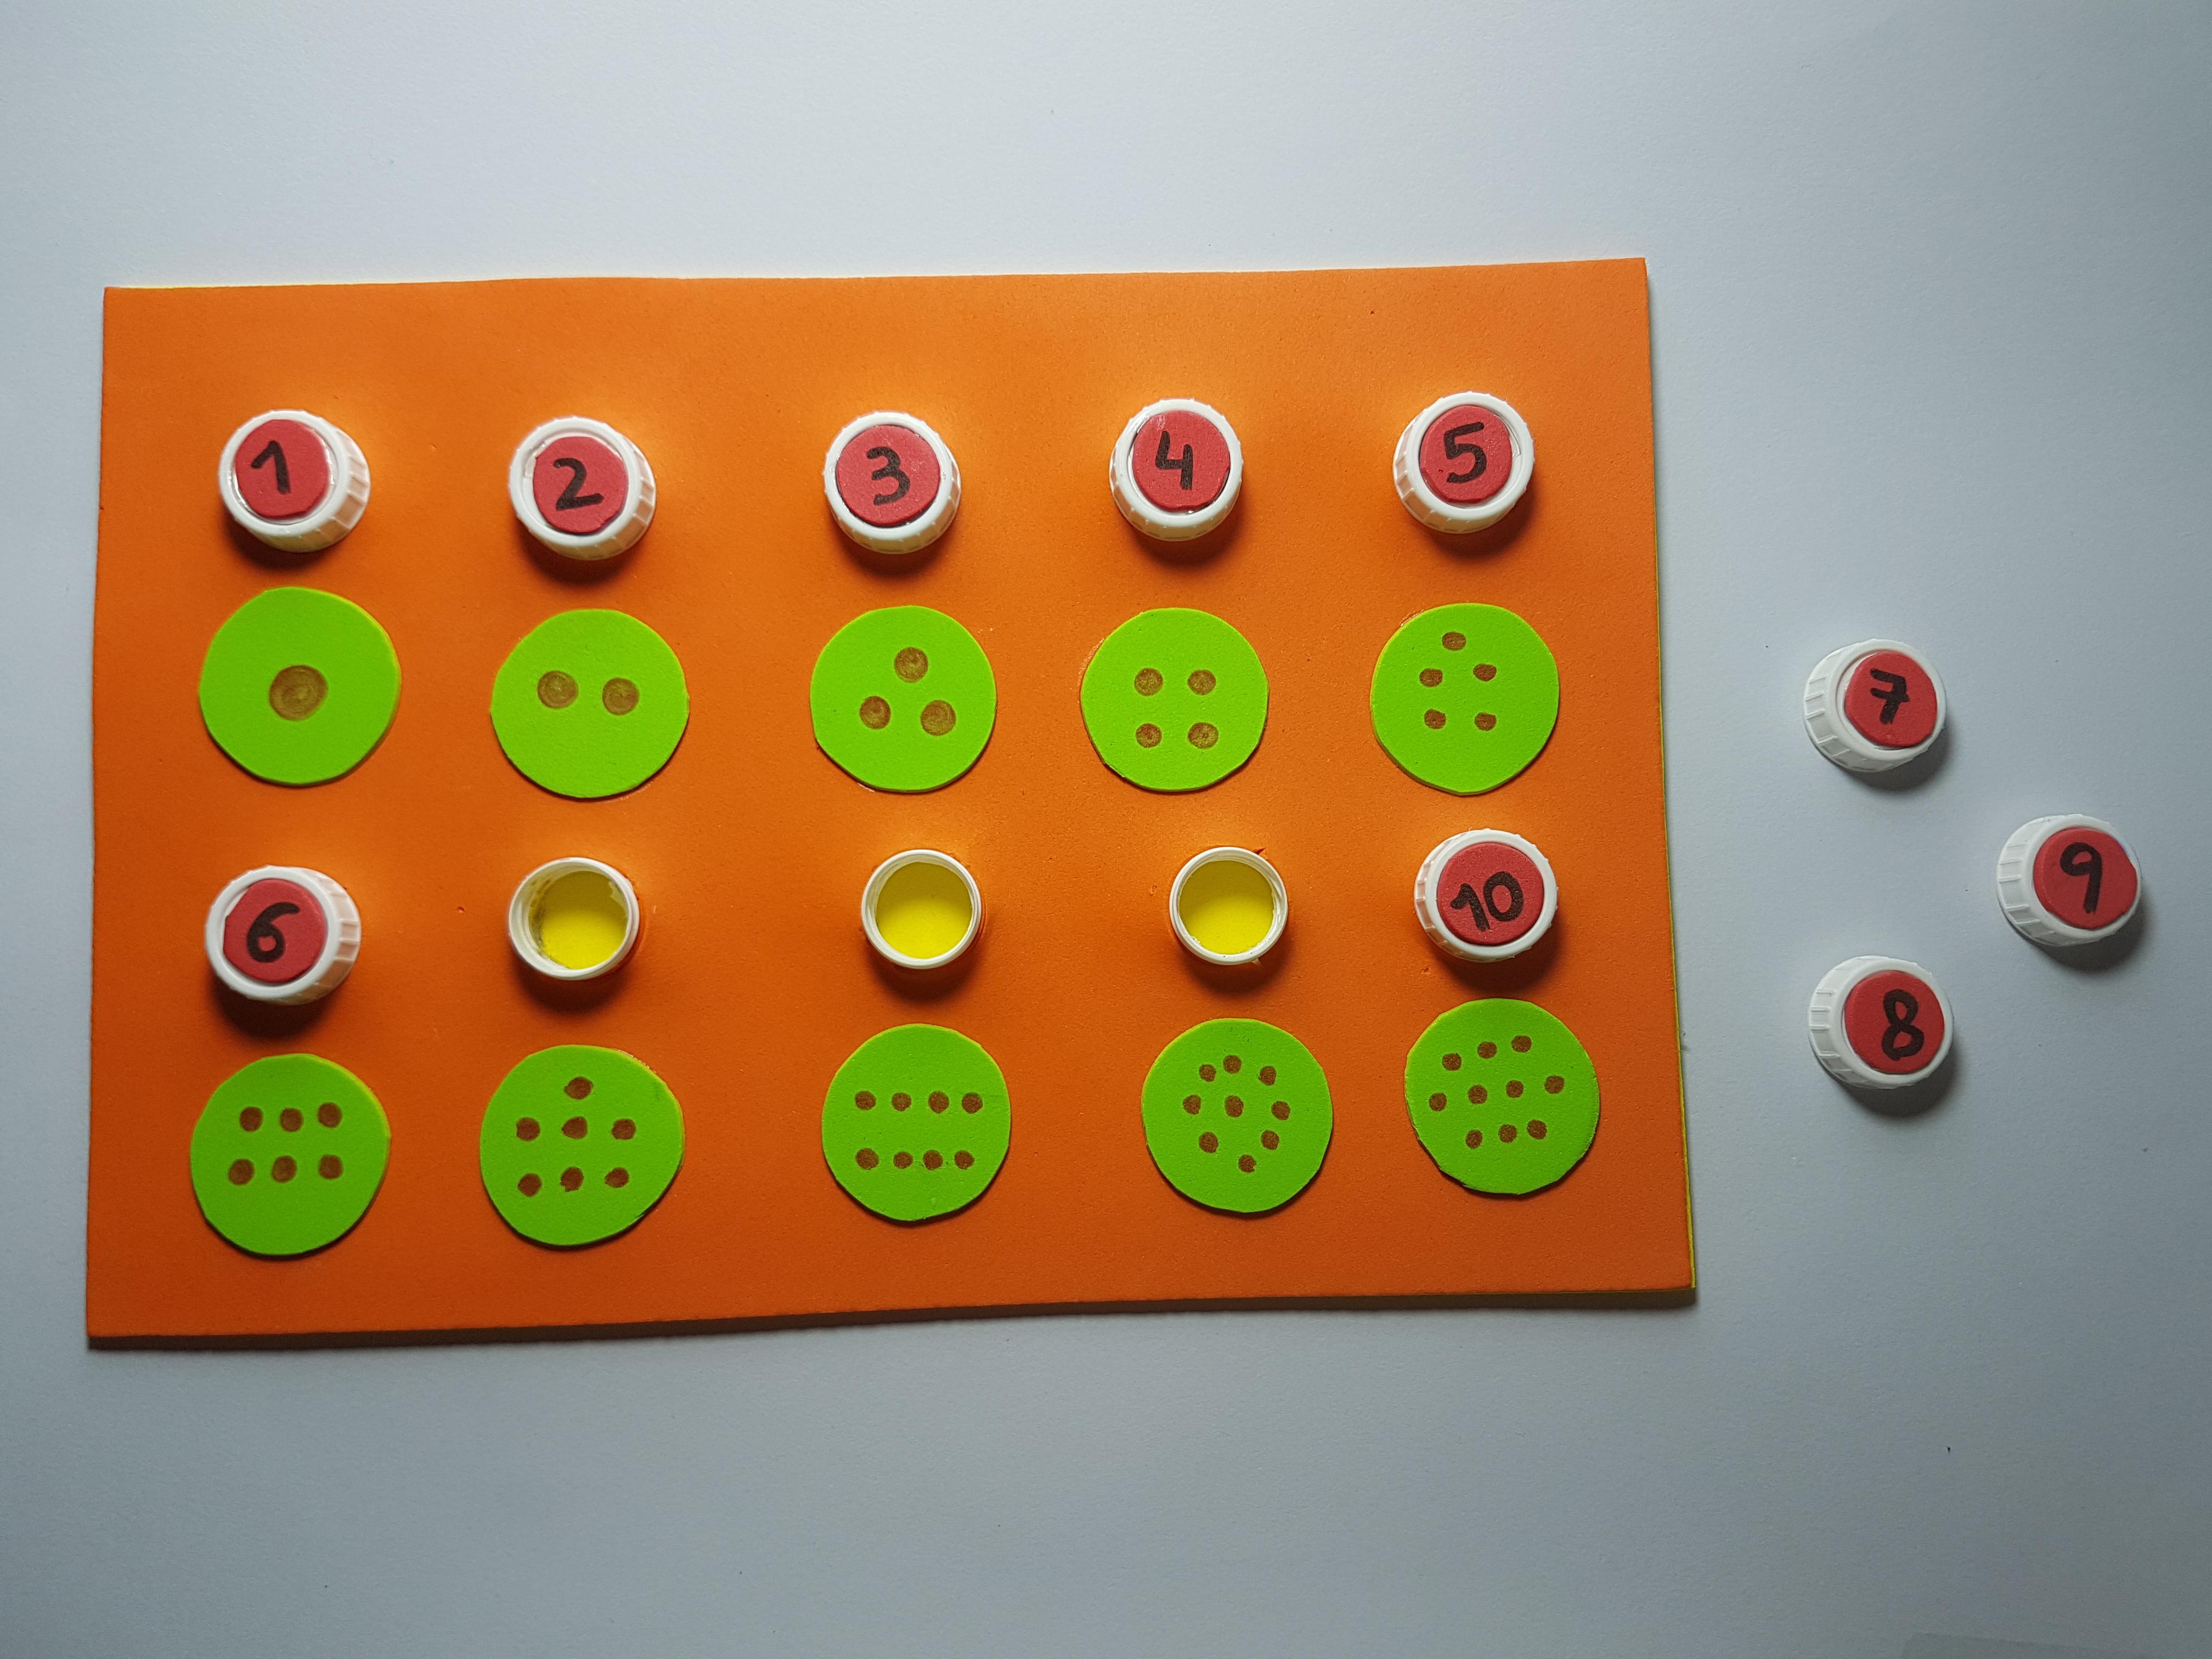 Tablero de tapones para trabajar los números y las cantidades